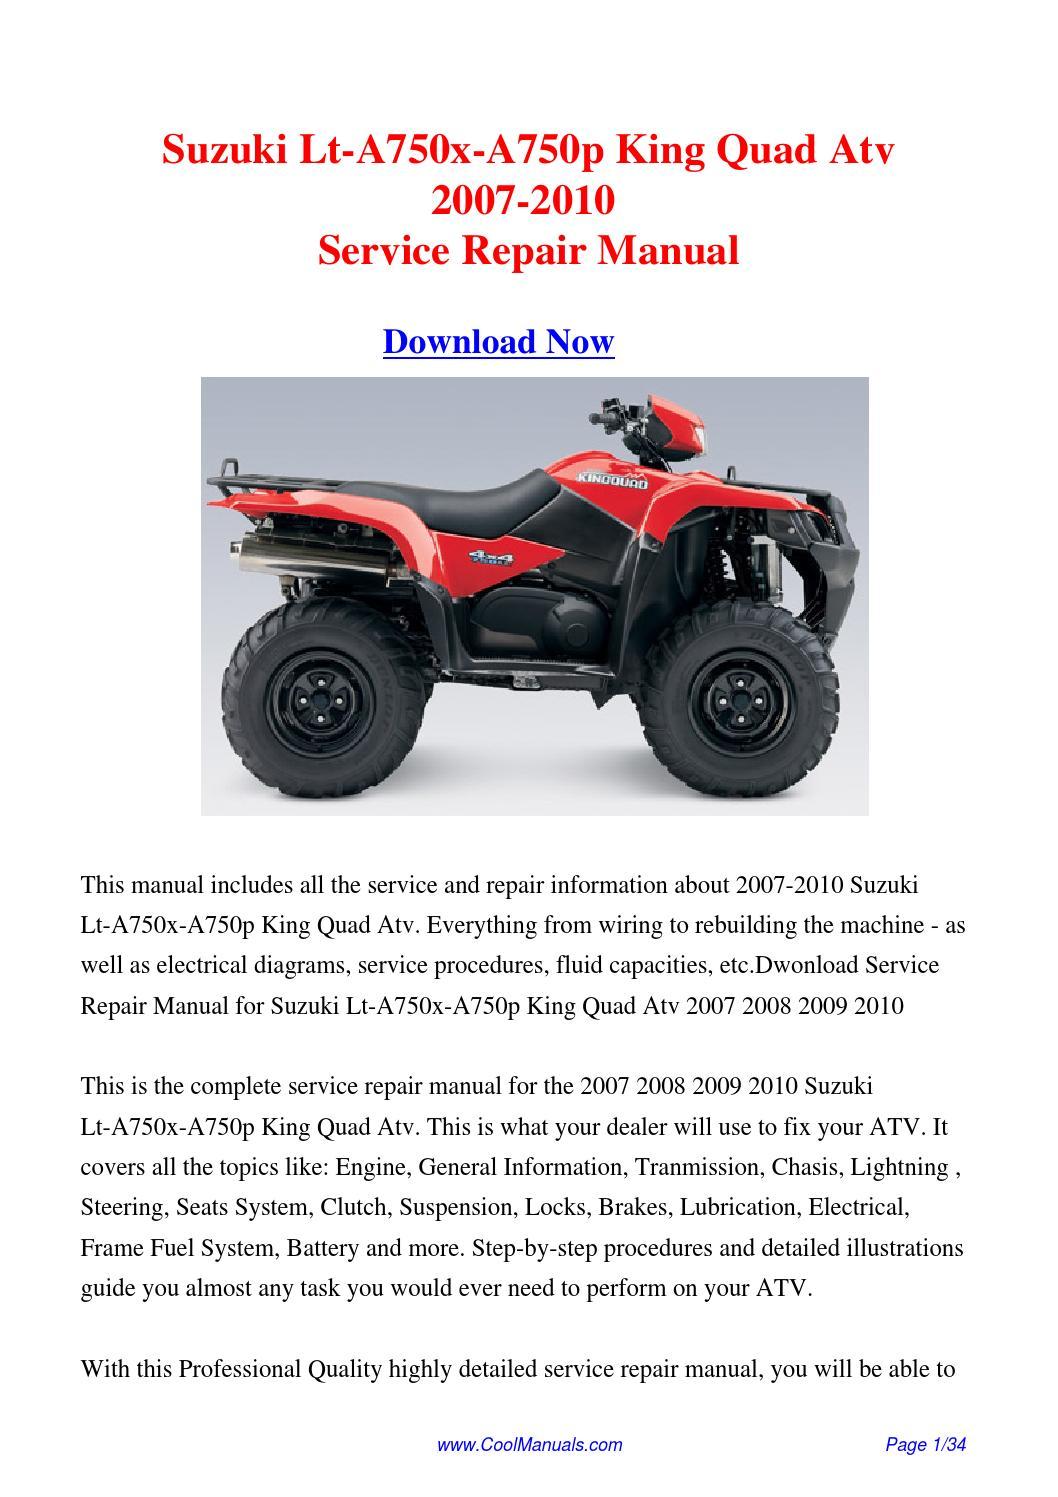 suzuki king quad manual pdf